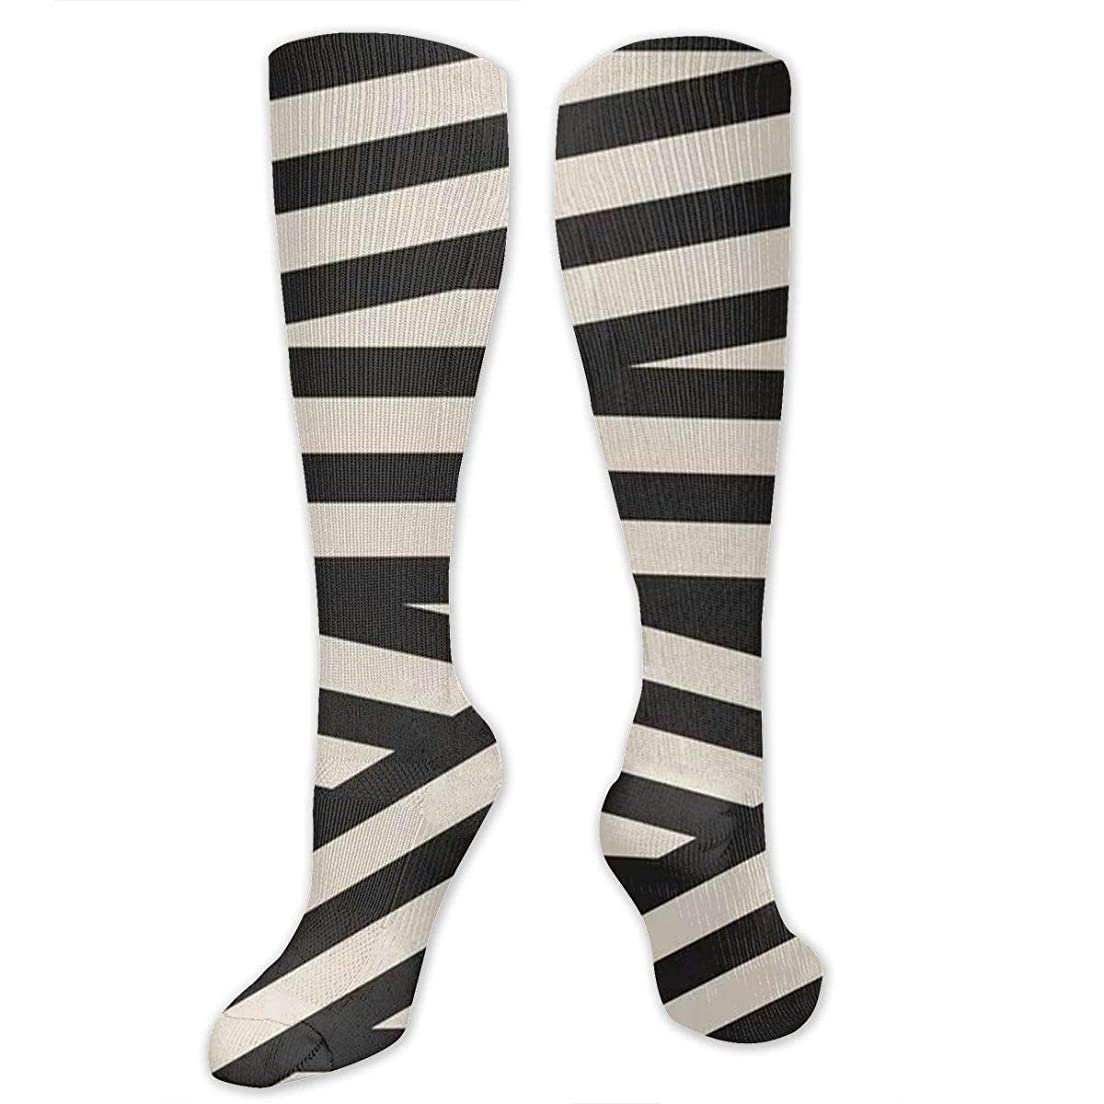 キャプチャー花タップ靴下,ストッキング,野生のジョーカー,実際,秋の本質,冬必須,サマーウェア&RBXAA Black White Stripe Crossing Socks Women's Winter Cotton Long Tube Socks Cotton Solid & Patterned Dress Socks